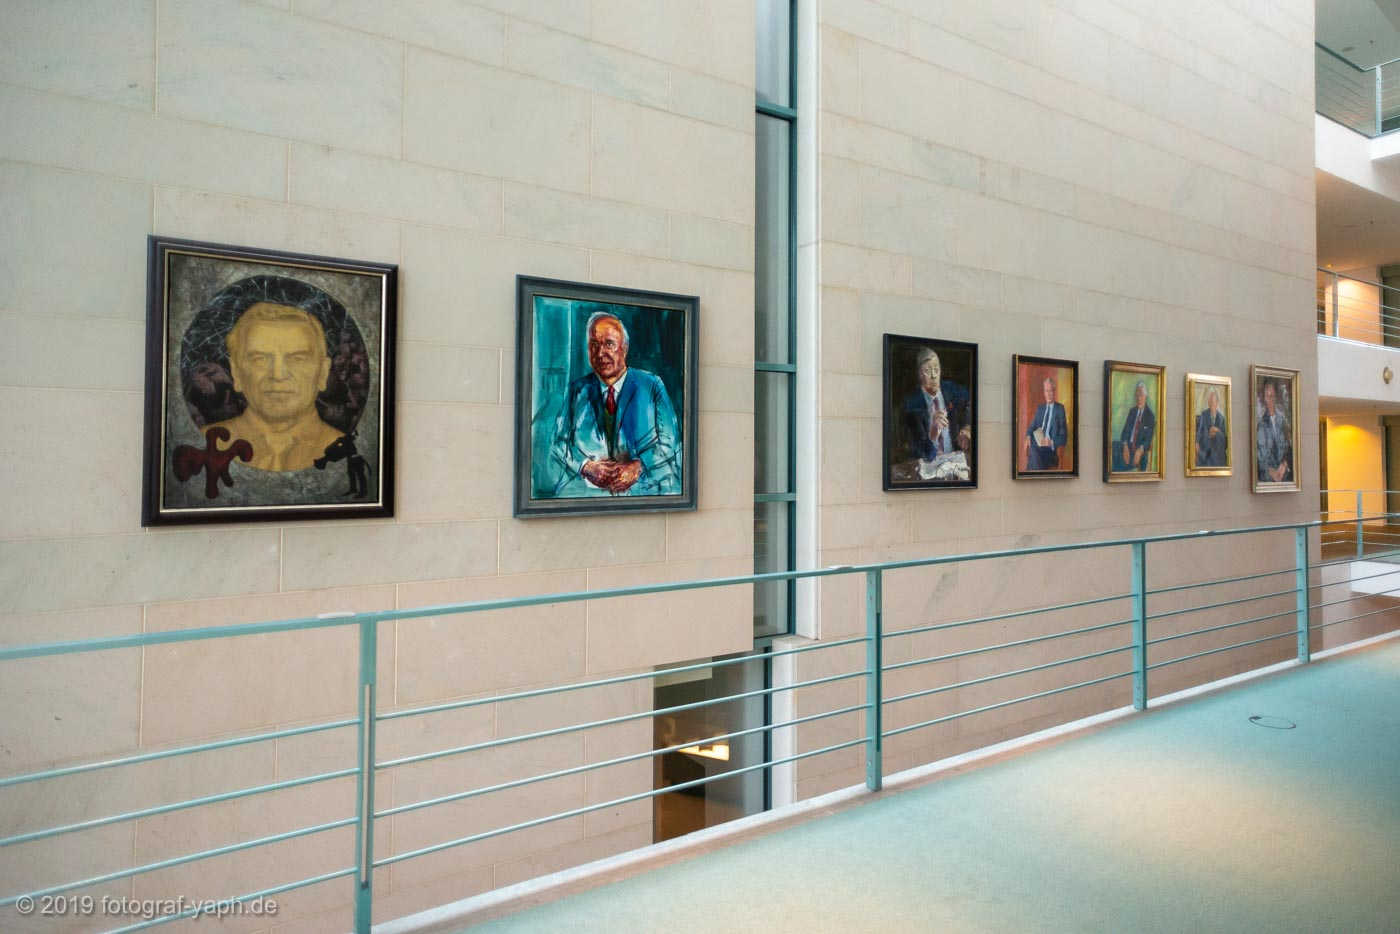 Bundeskanzleramt Berlin mit Porträt von Gerhard Schröder im Vordergrund